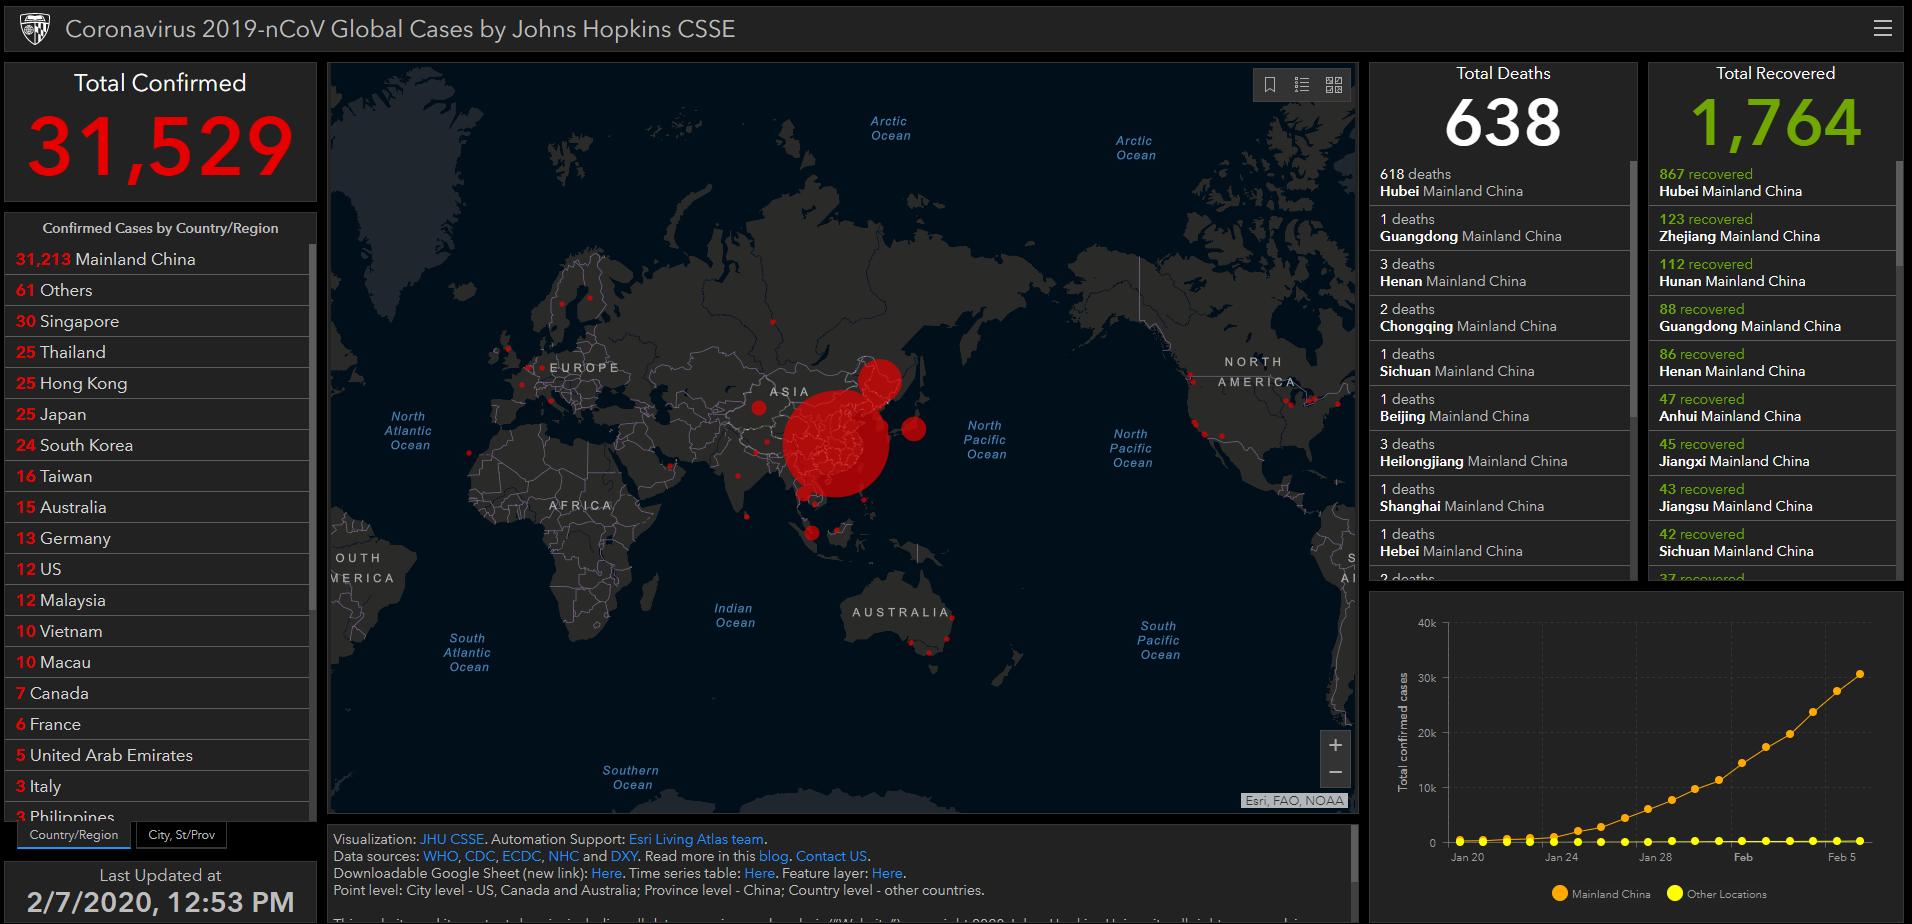 """图说: 约翰·霍普金斯大学的世界疫情即时地图显示,至2020/2/7,疫情集中在湖北地区,尚未形成""""全球大流行""""。(网站截图)"""